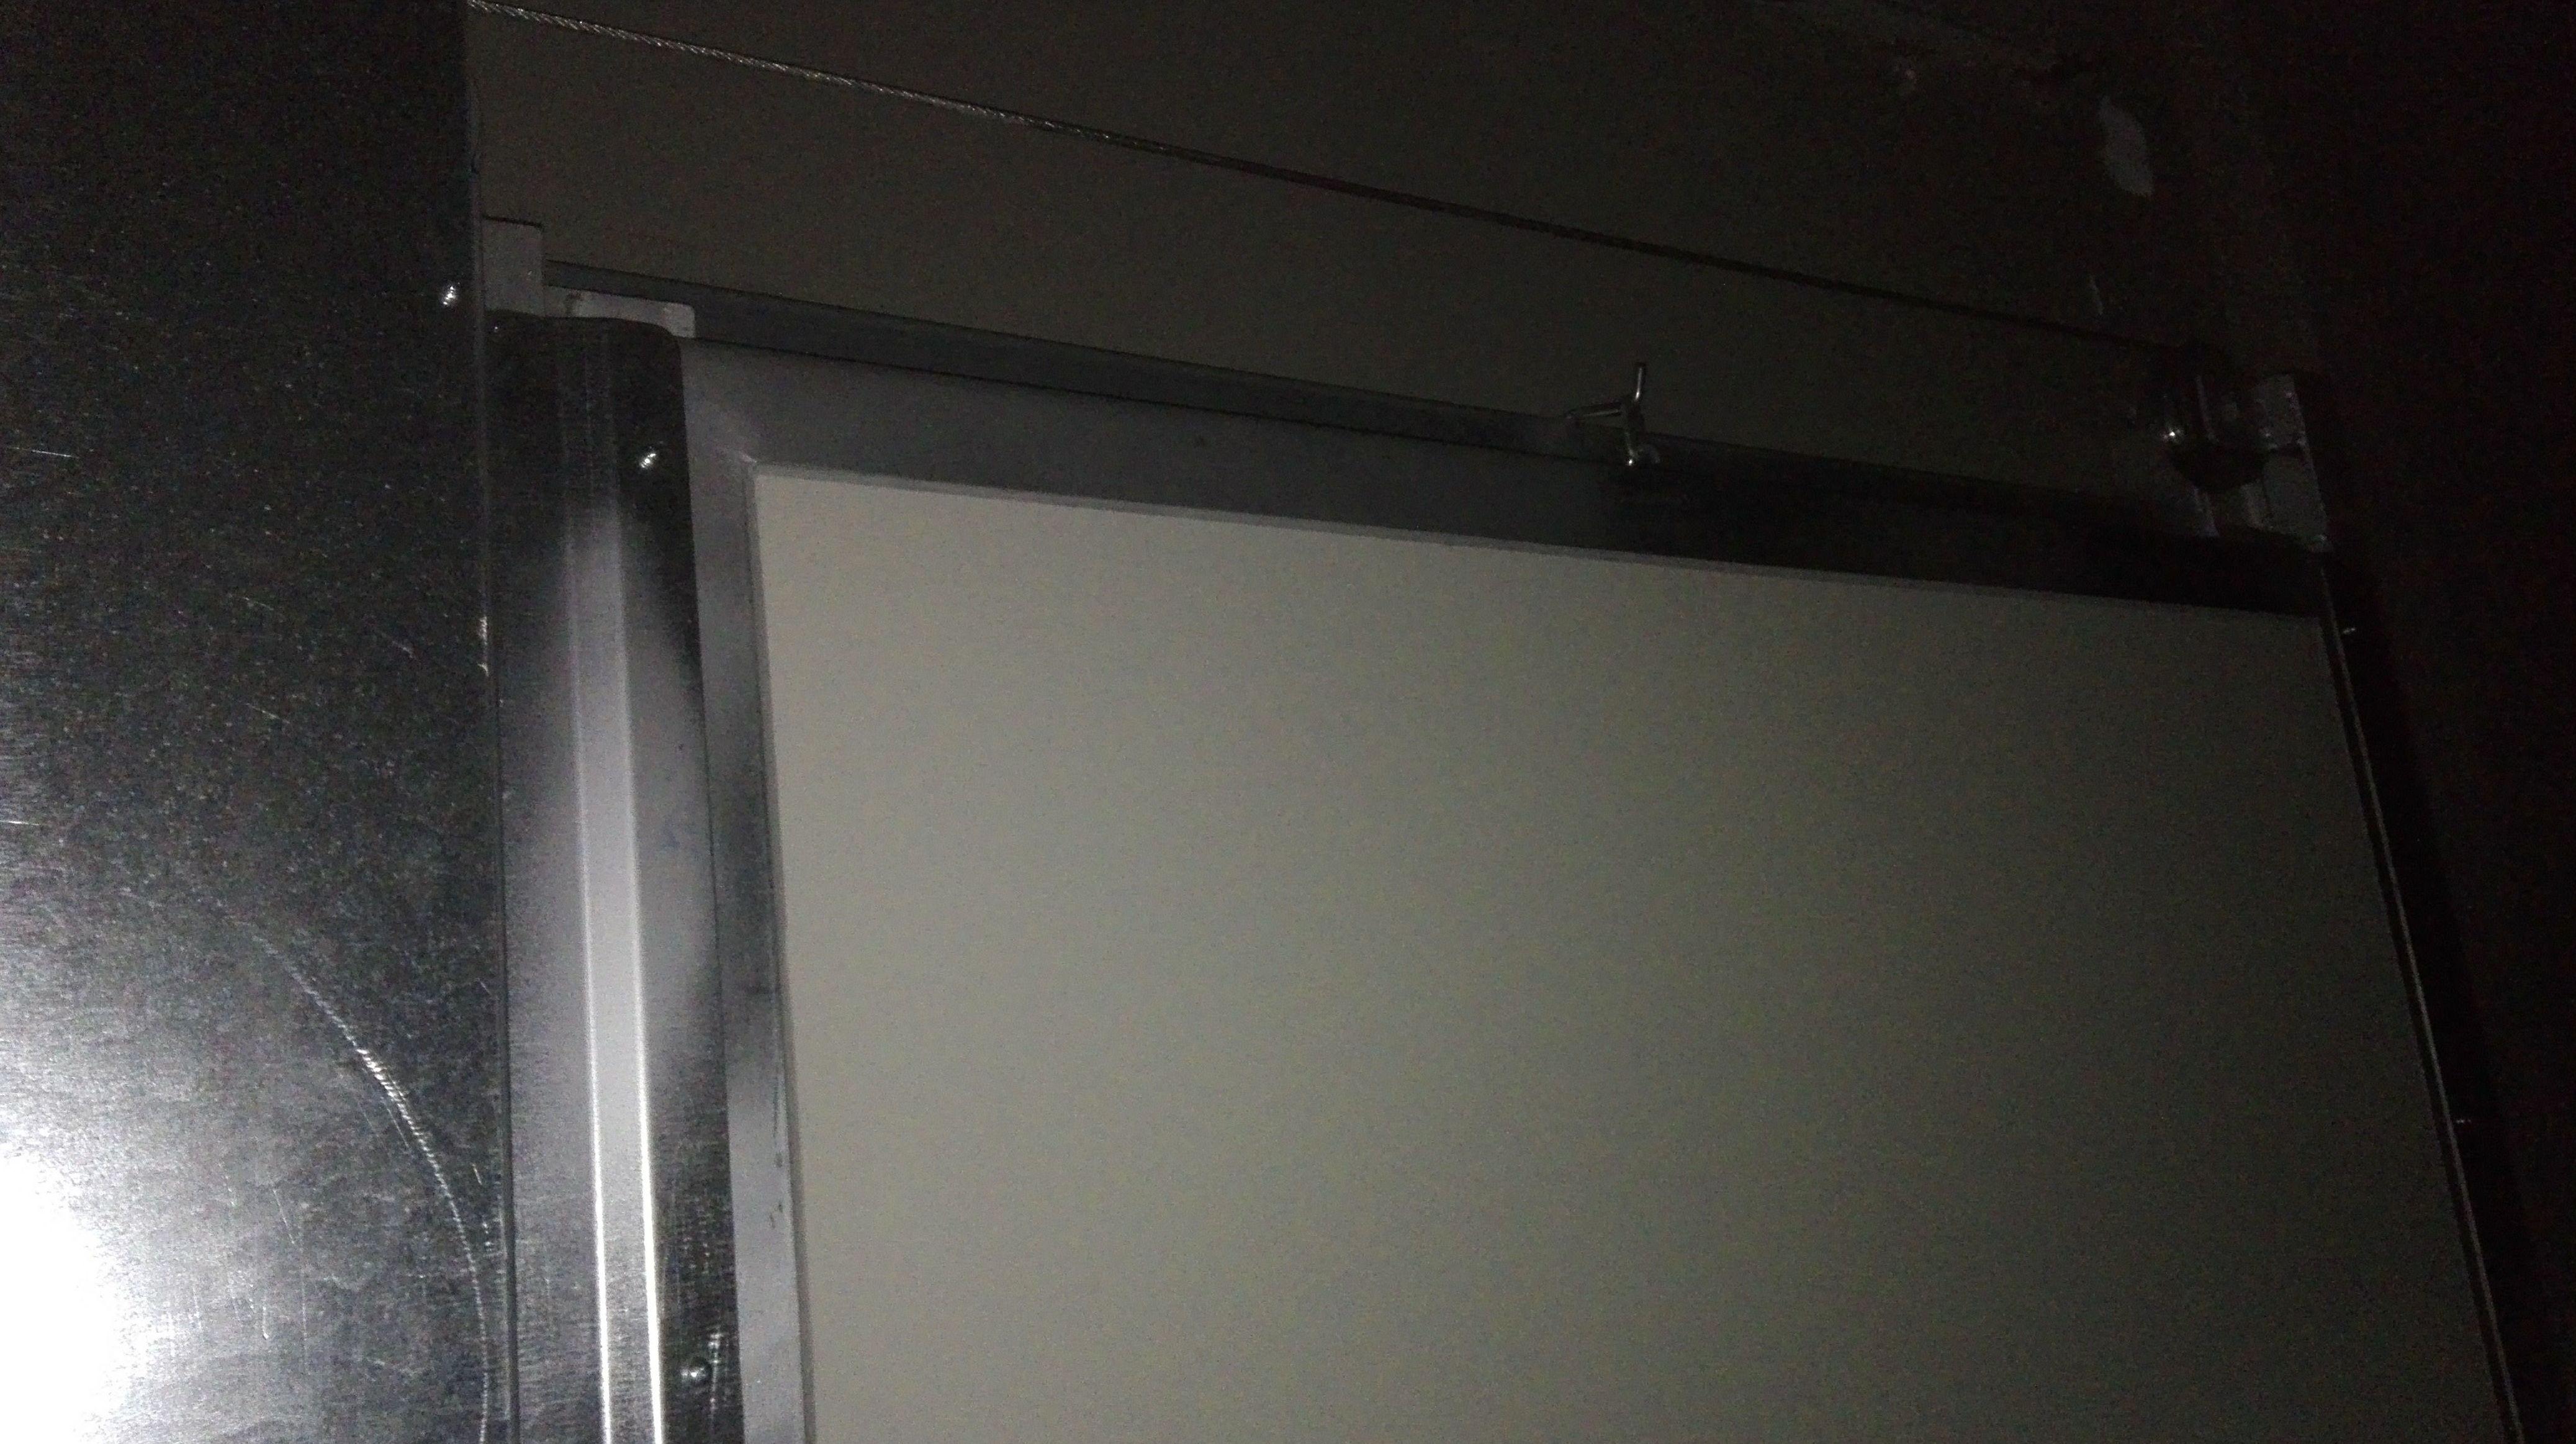 Puerta tipo Ventana de guillotina cortafuegos poleas y cable de contrapesos